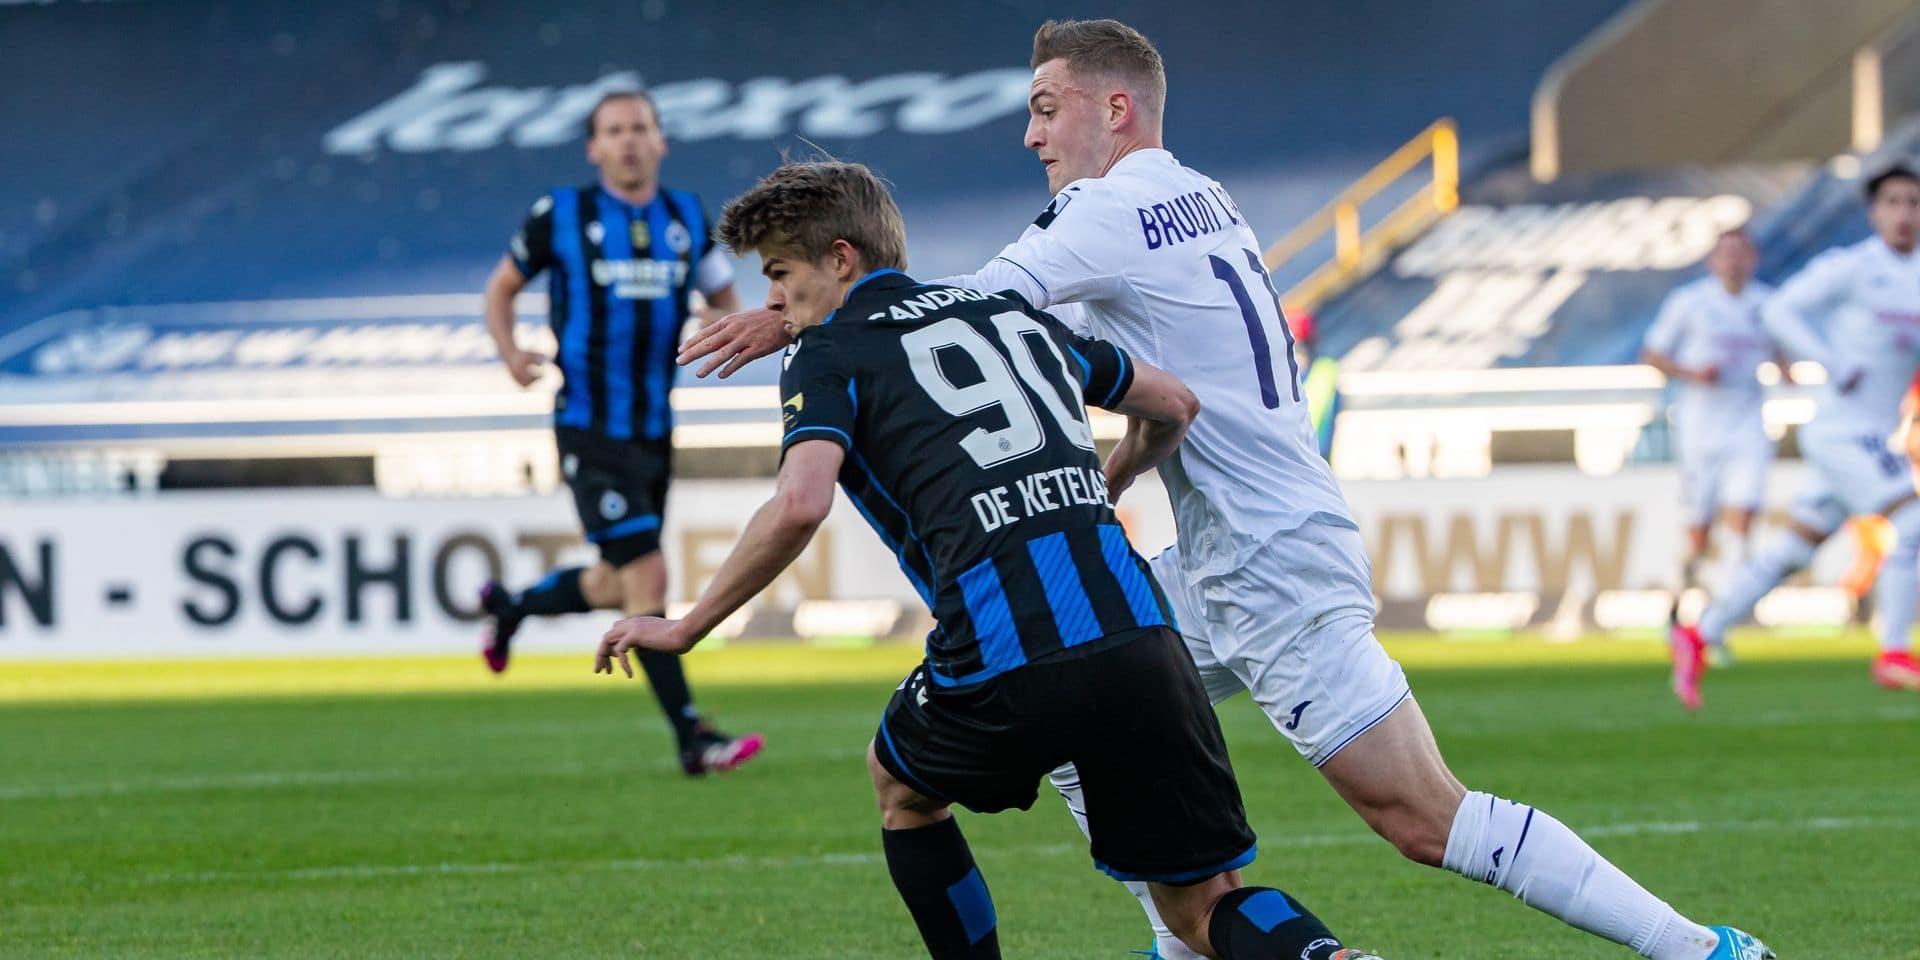 Bruges et Anderlecht se neutralisent au terme d'un Topper complètement fou (2-2)